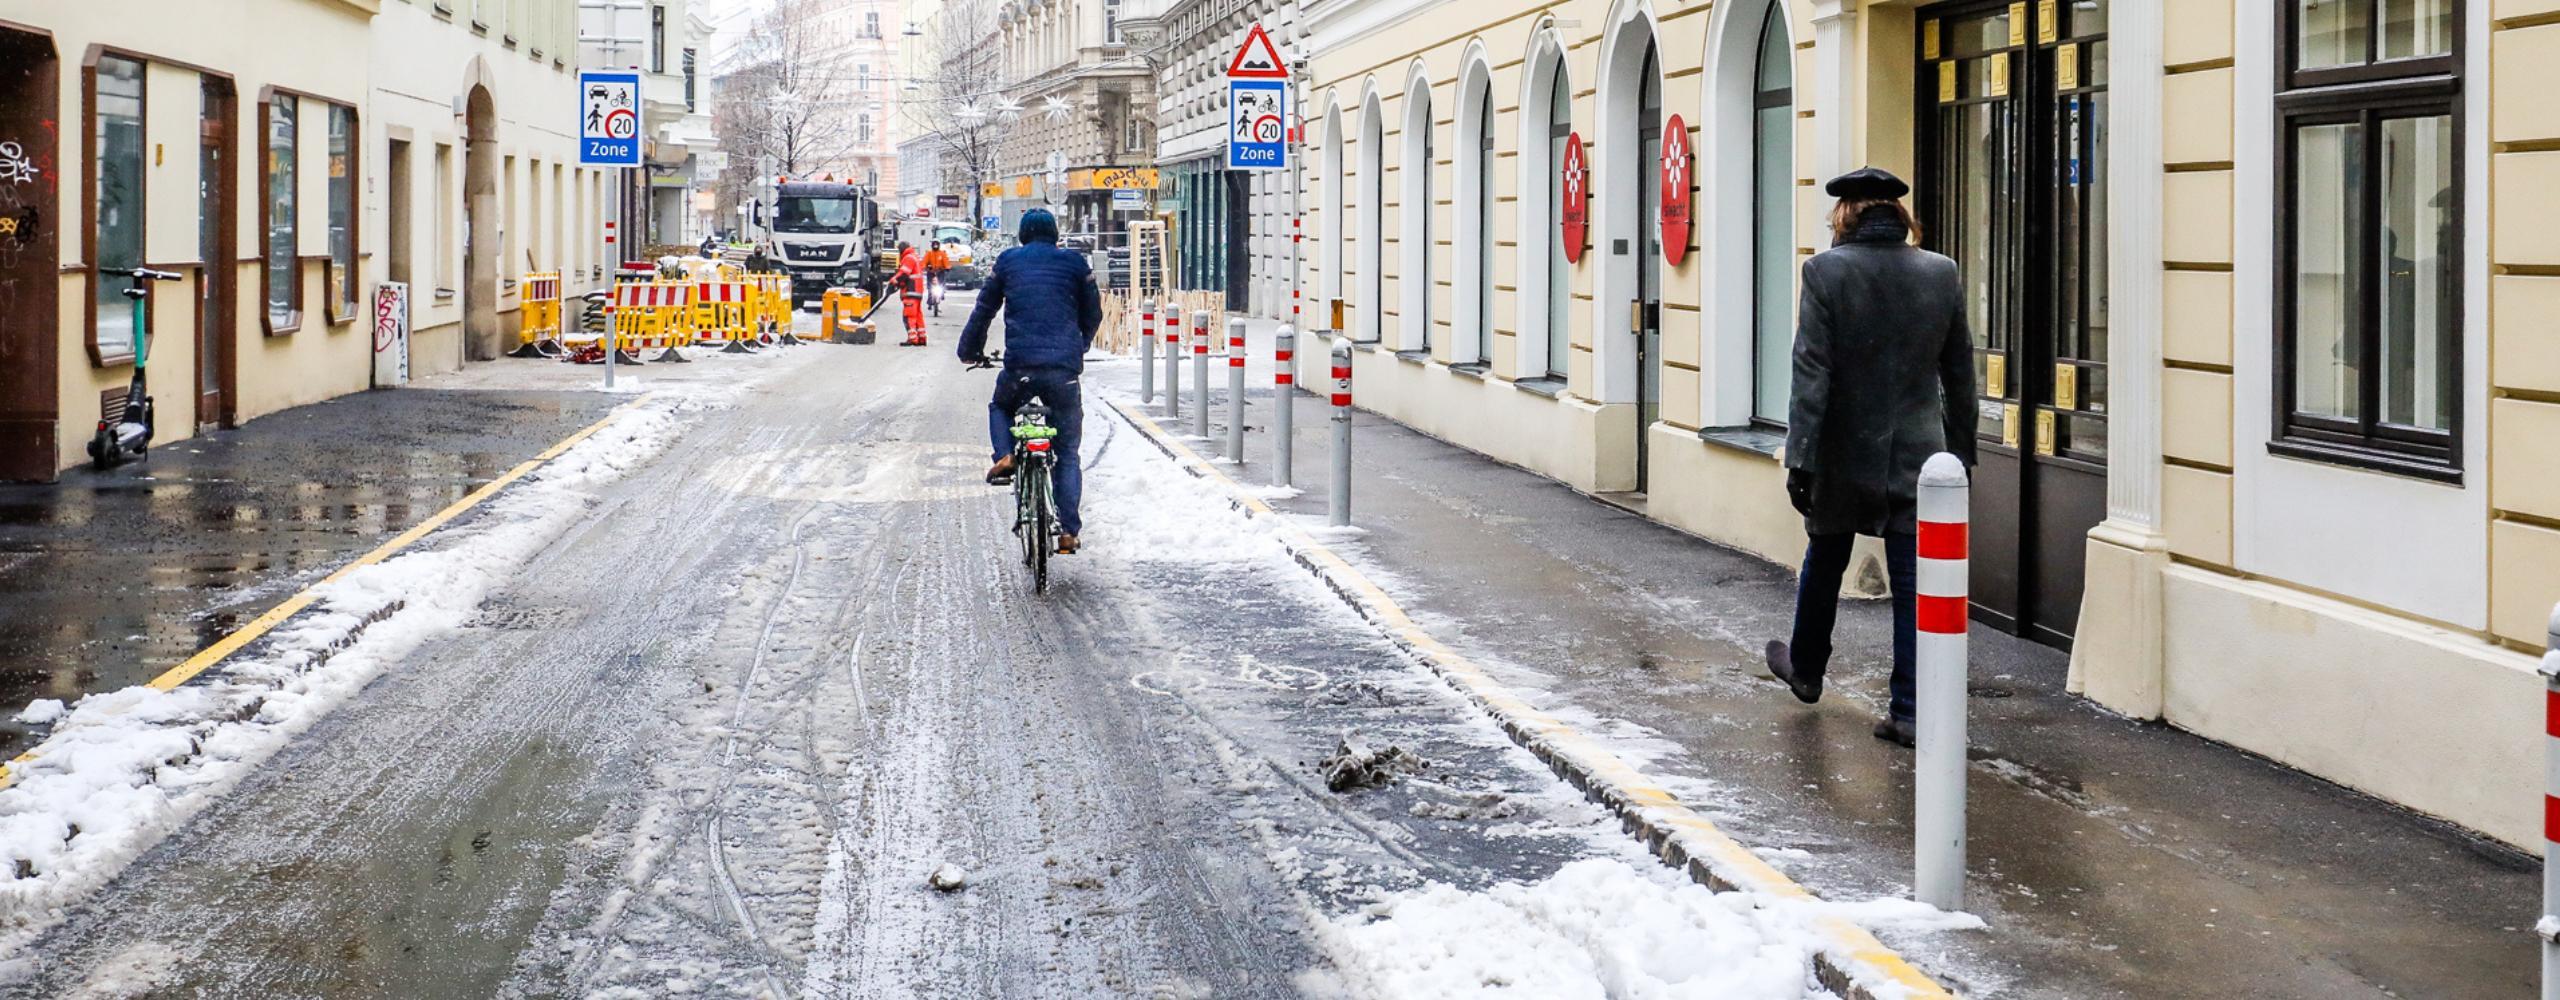 Radfahrer fährt in den Lindengasse regulär gegen die Einbahn. Copyright: MA28/Christian Fürthner